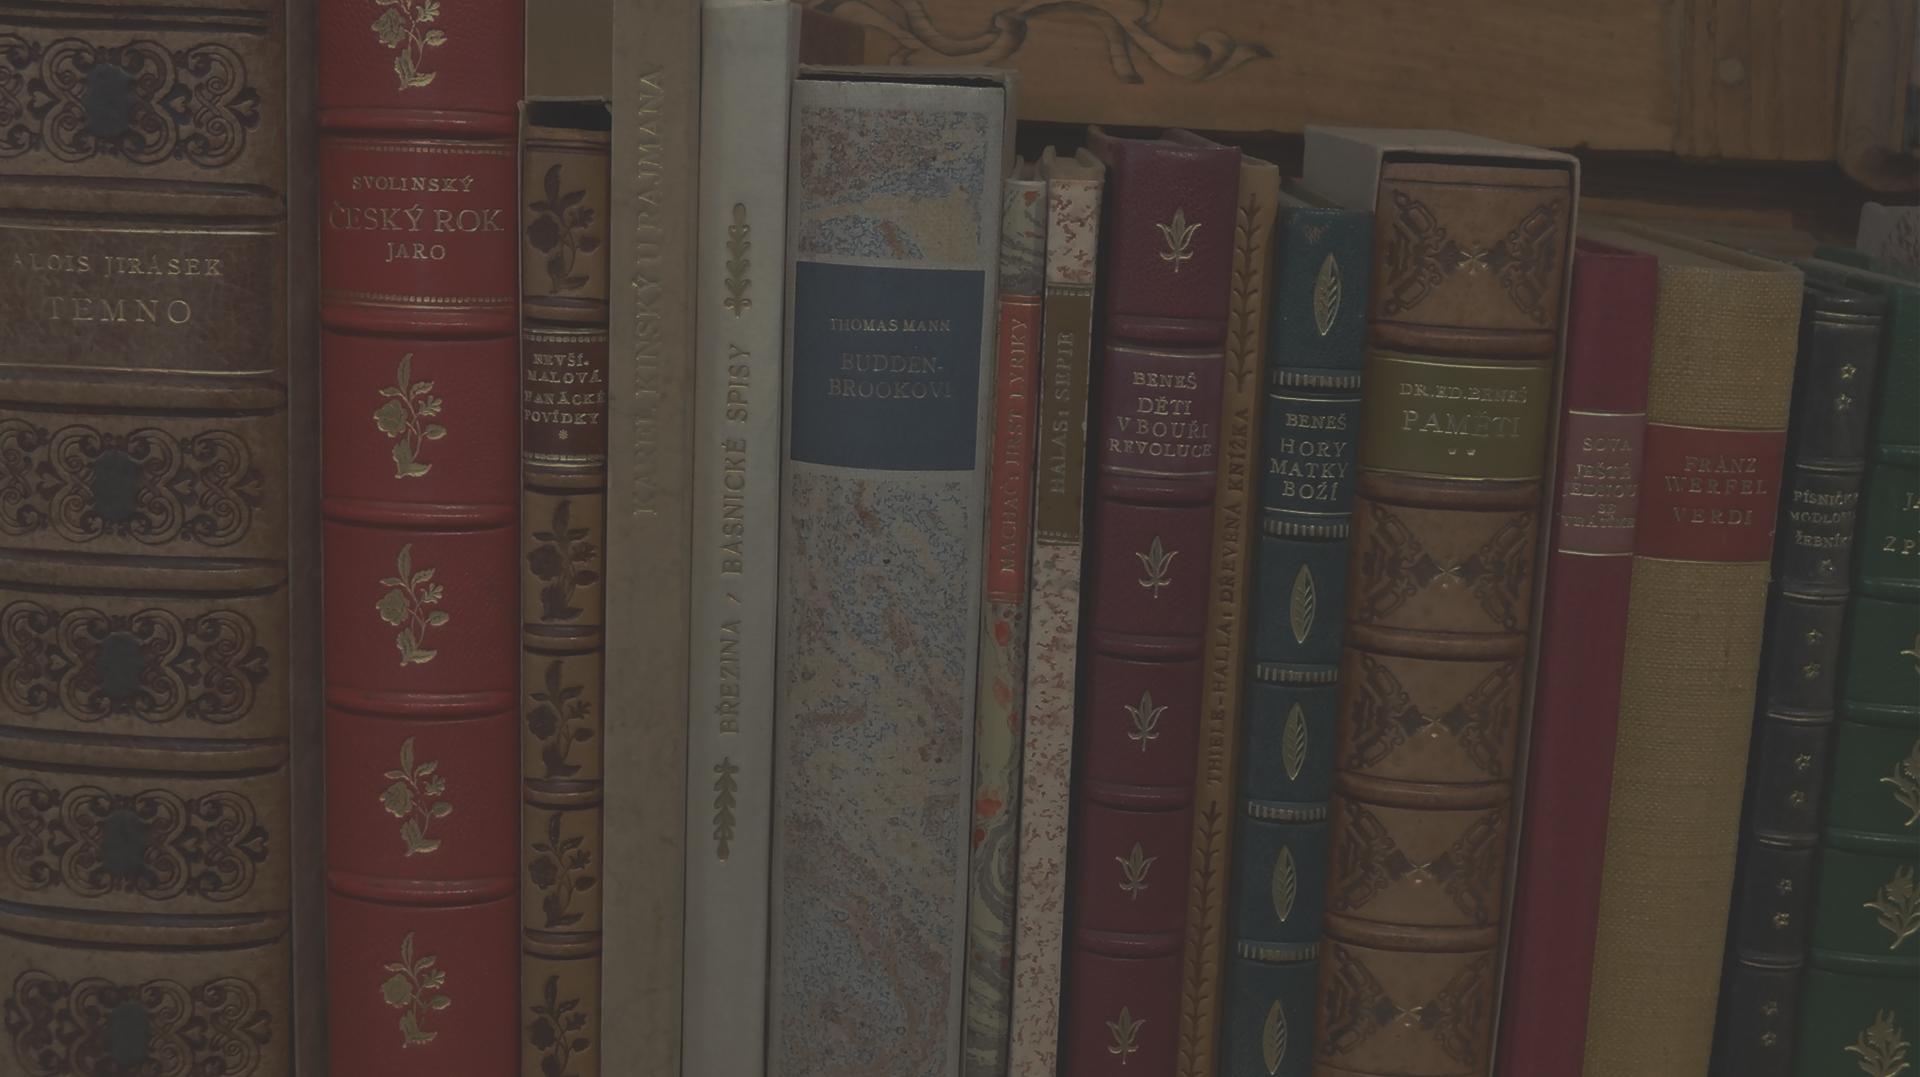 Umělecká knižní vazba - zdobené hřbety knih